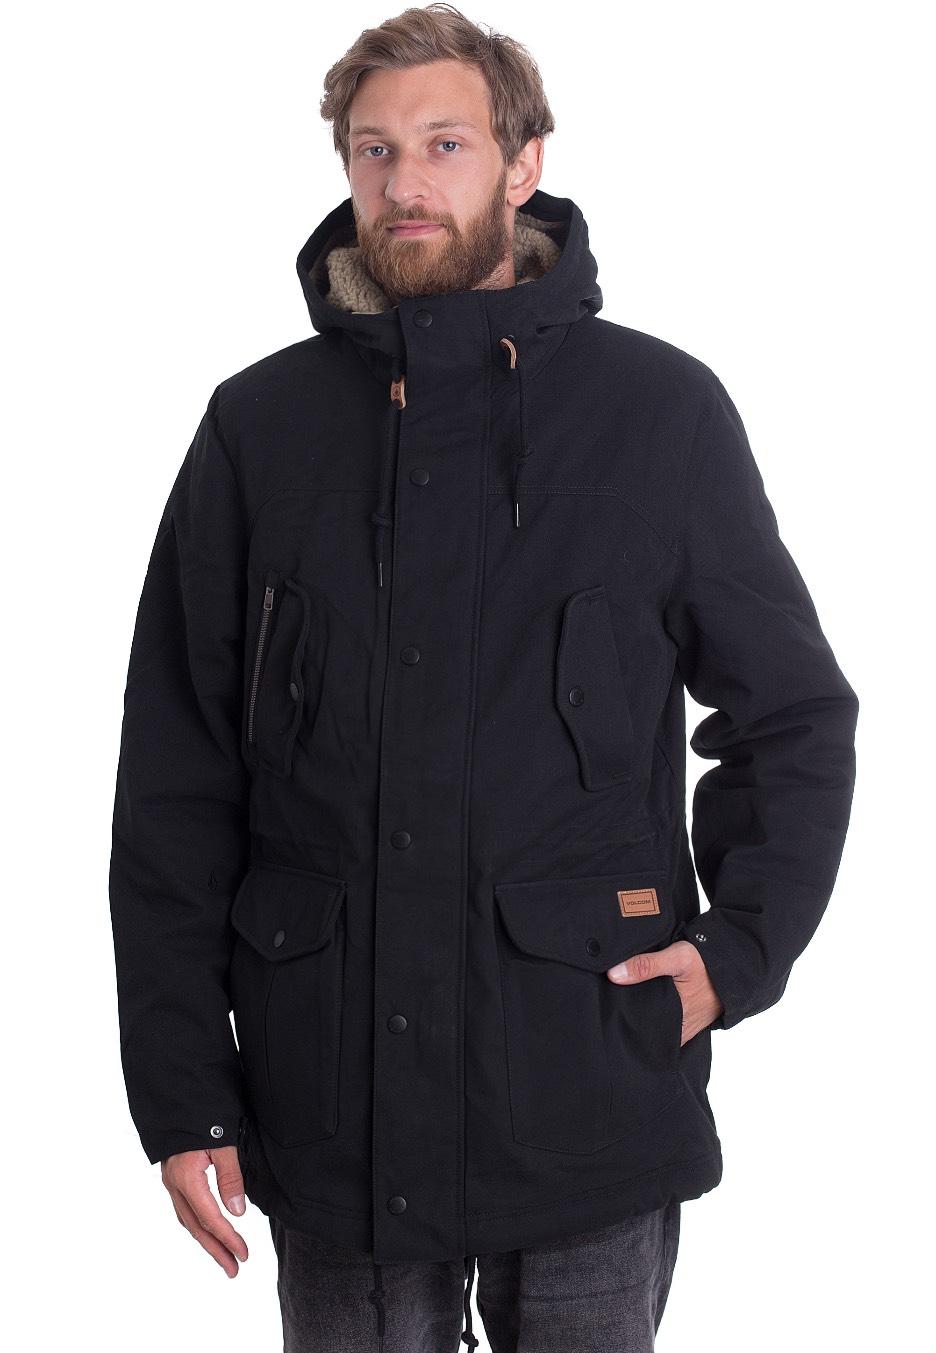 außergewöhnliche Auswahl an Stilen und Farben auf Lager großer Rabatt Volcom - Starget Parka - Jacket